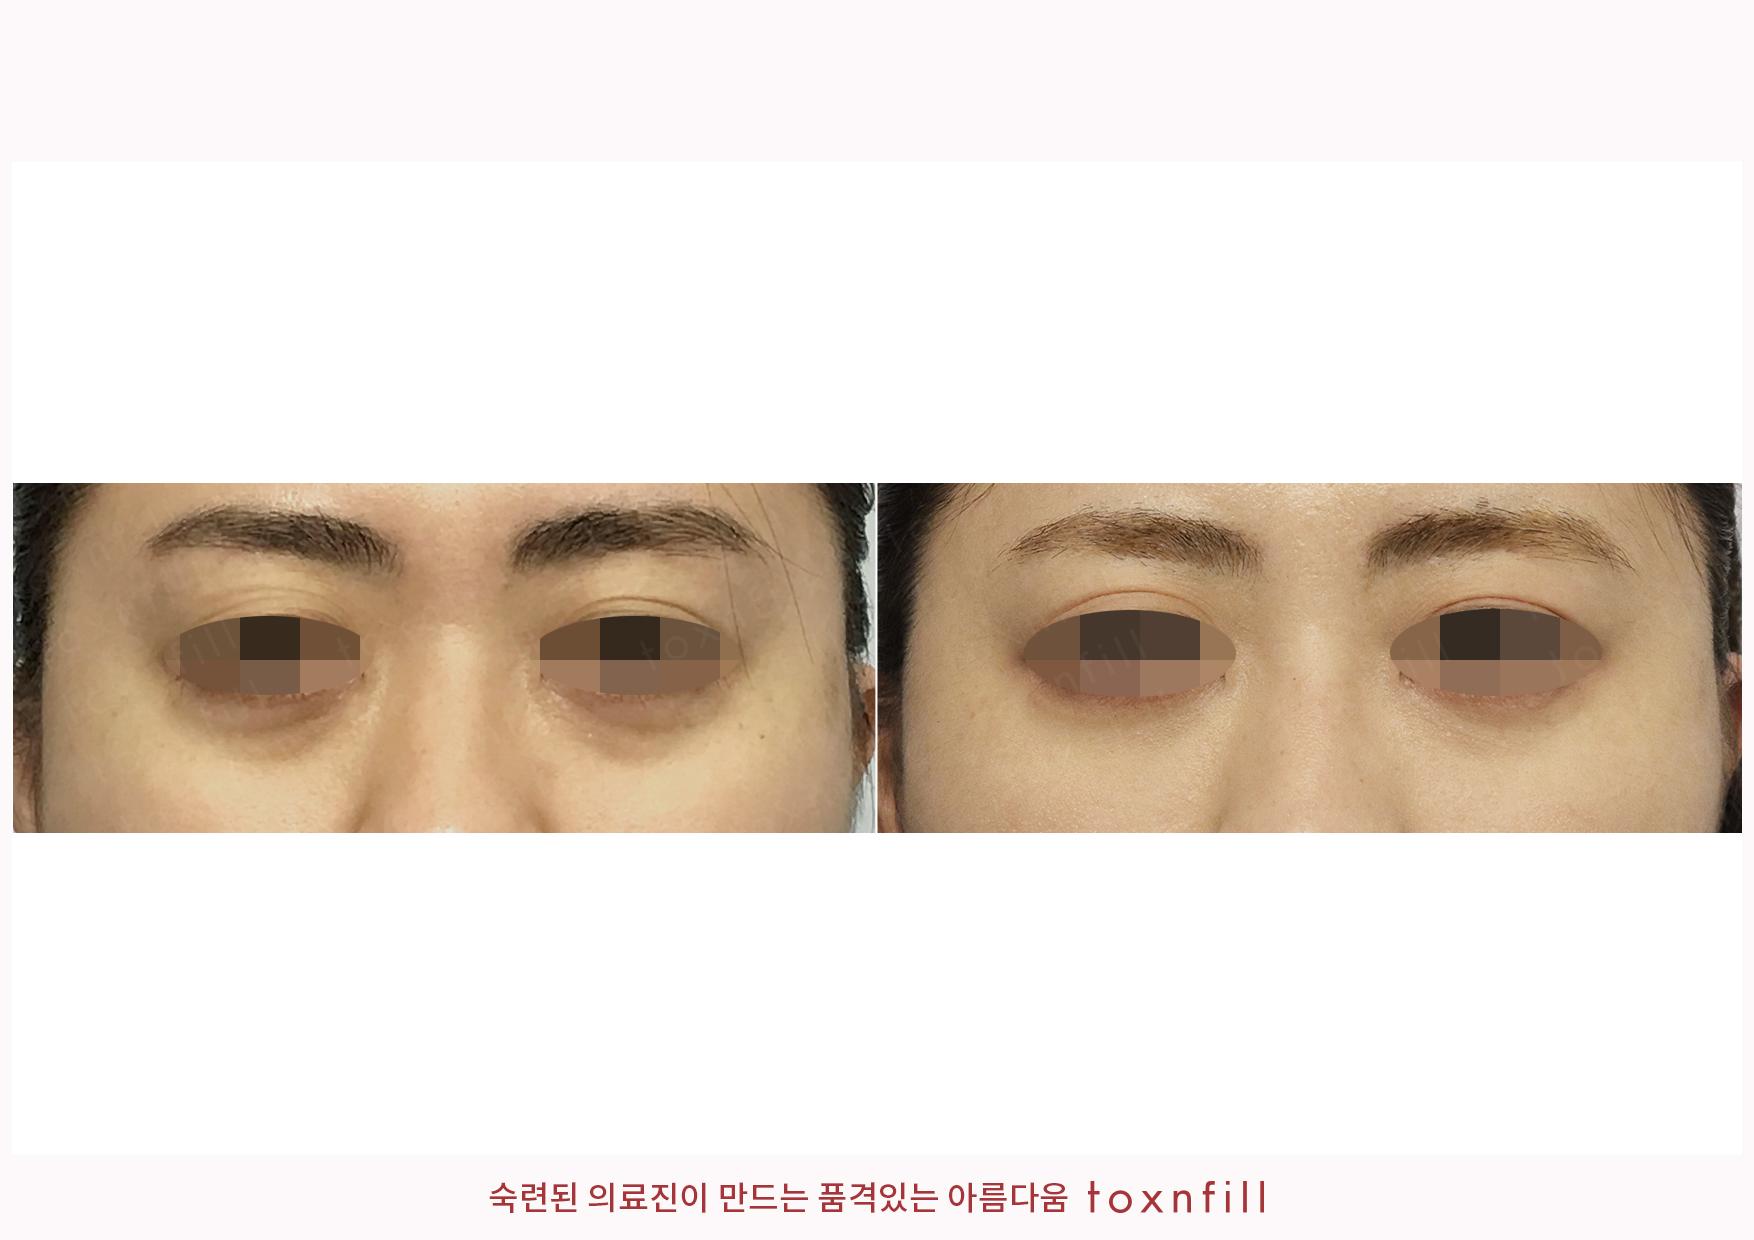 눈밑교정+눈밑,눈두덩이필러 시술전후